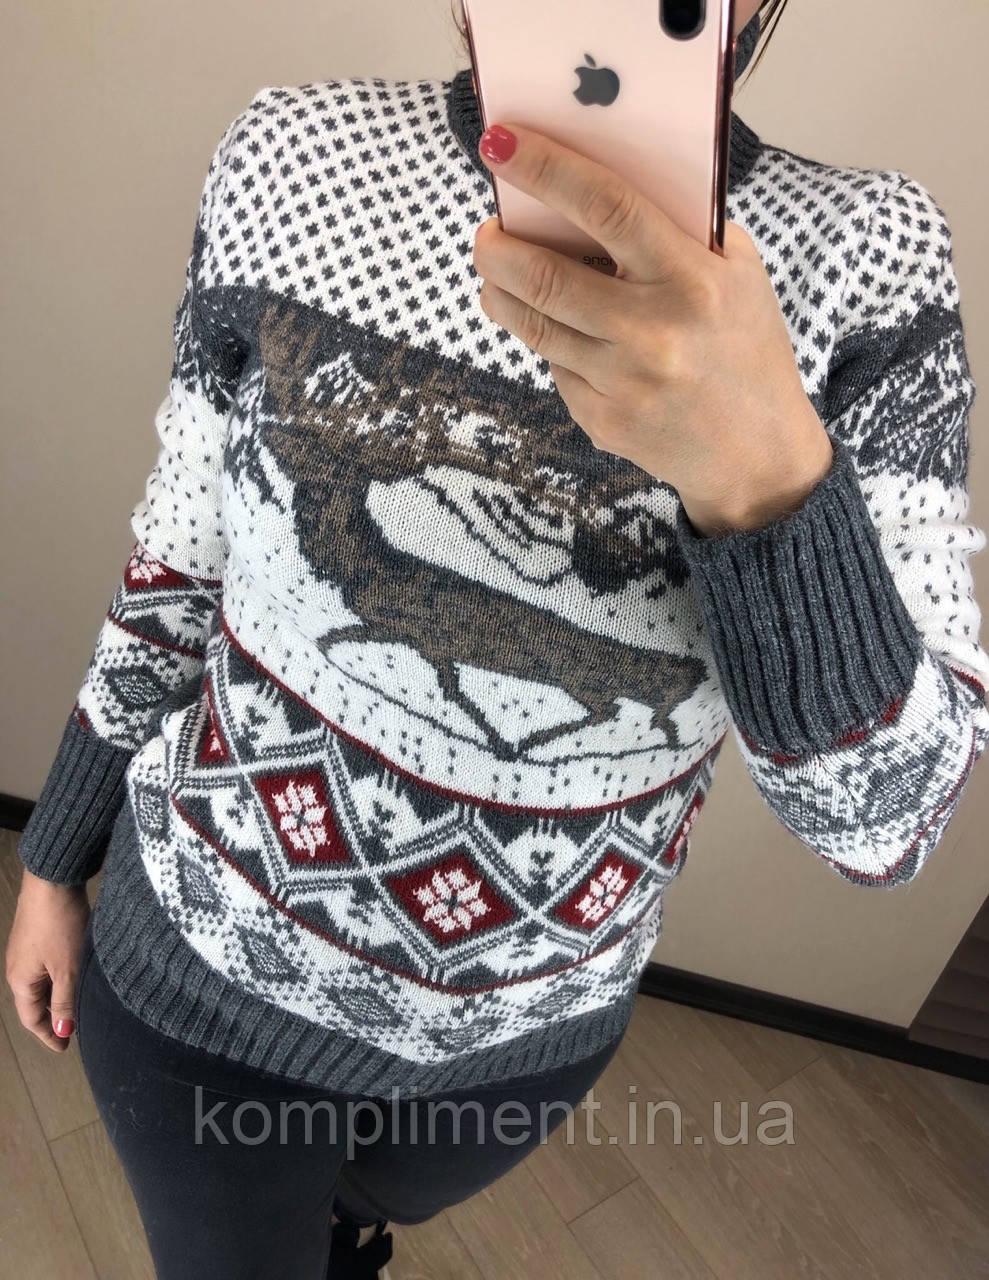 Шерстяной турецкий вязаный свитер с рисунком,серый